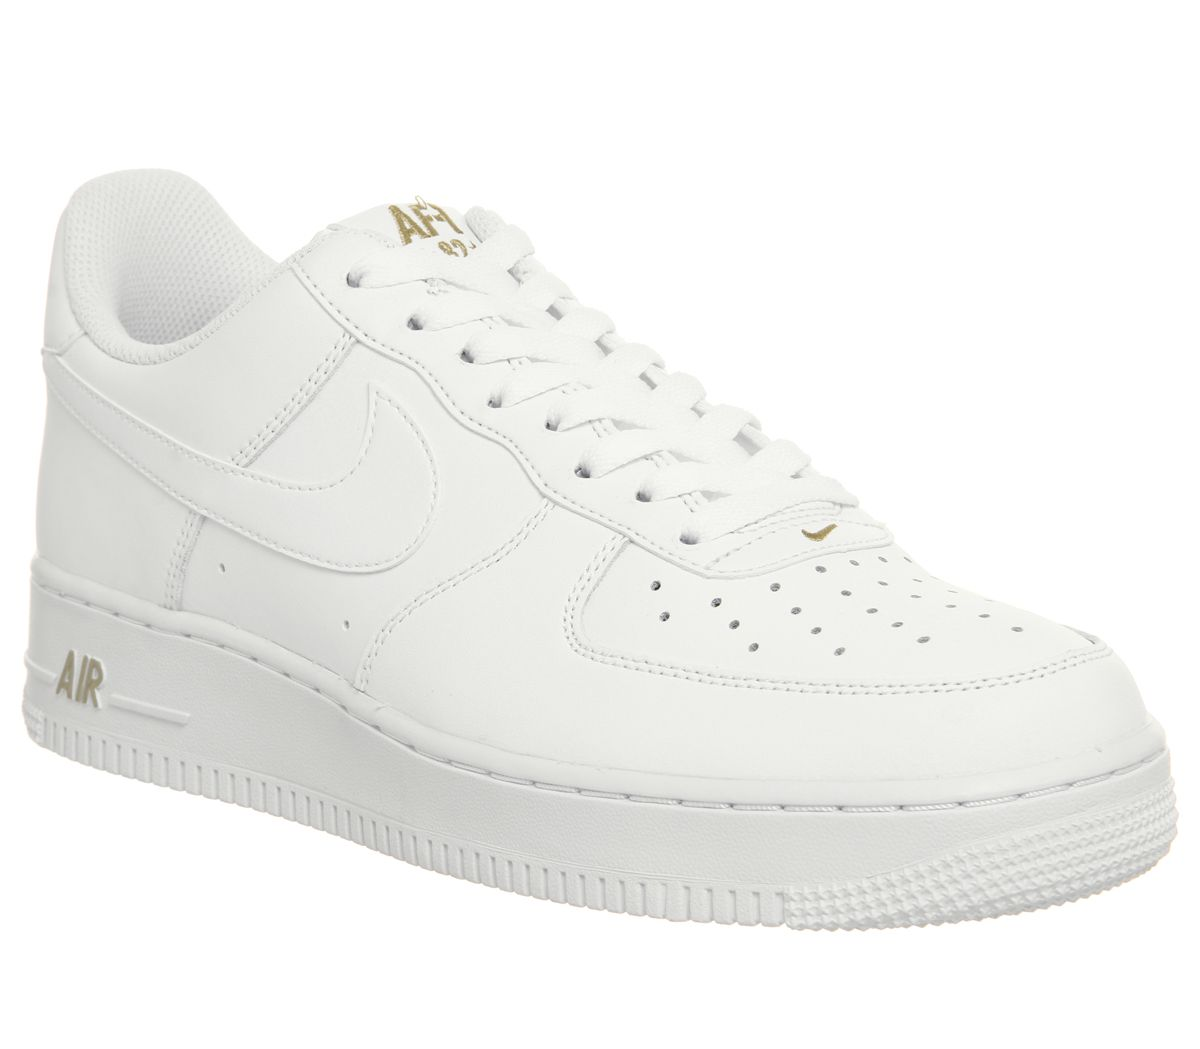 o rozsądnej cenie różne kolory słodkie tanie Nike Air Force One (m)